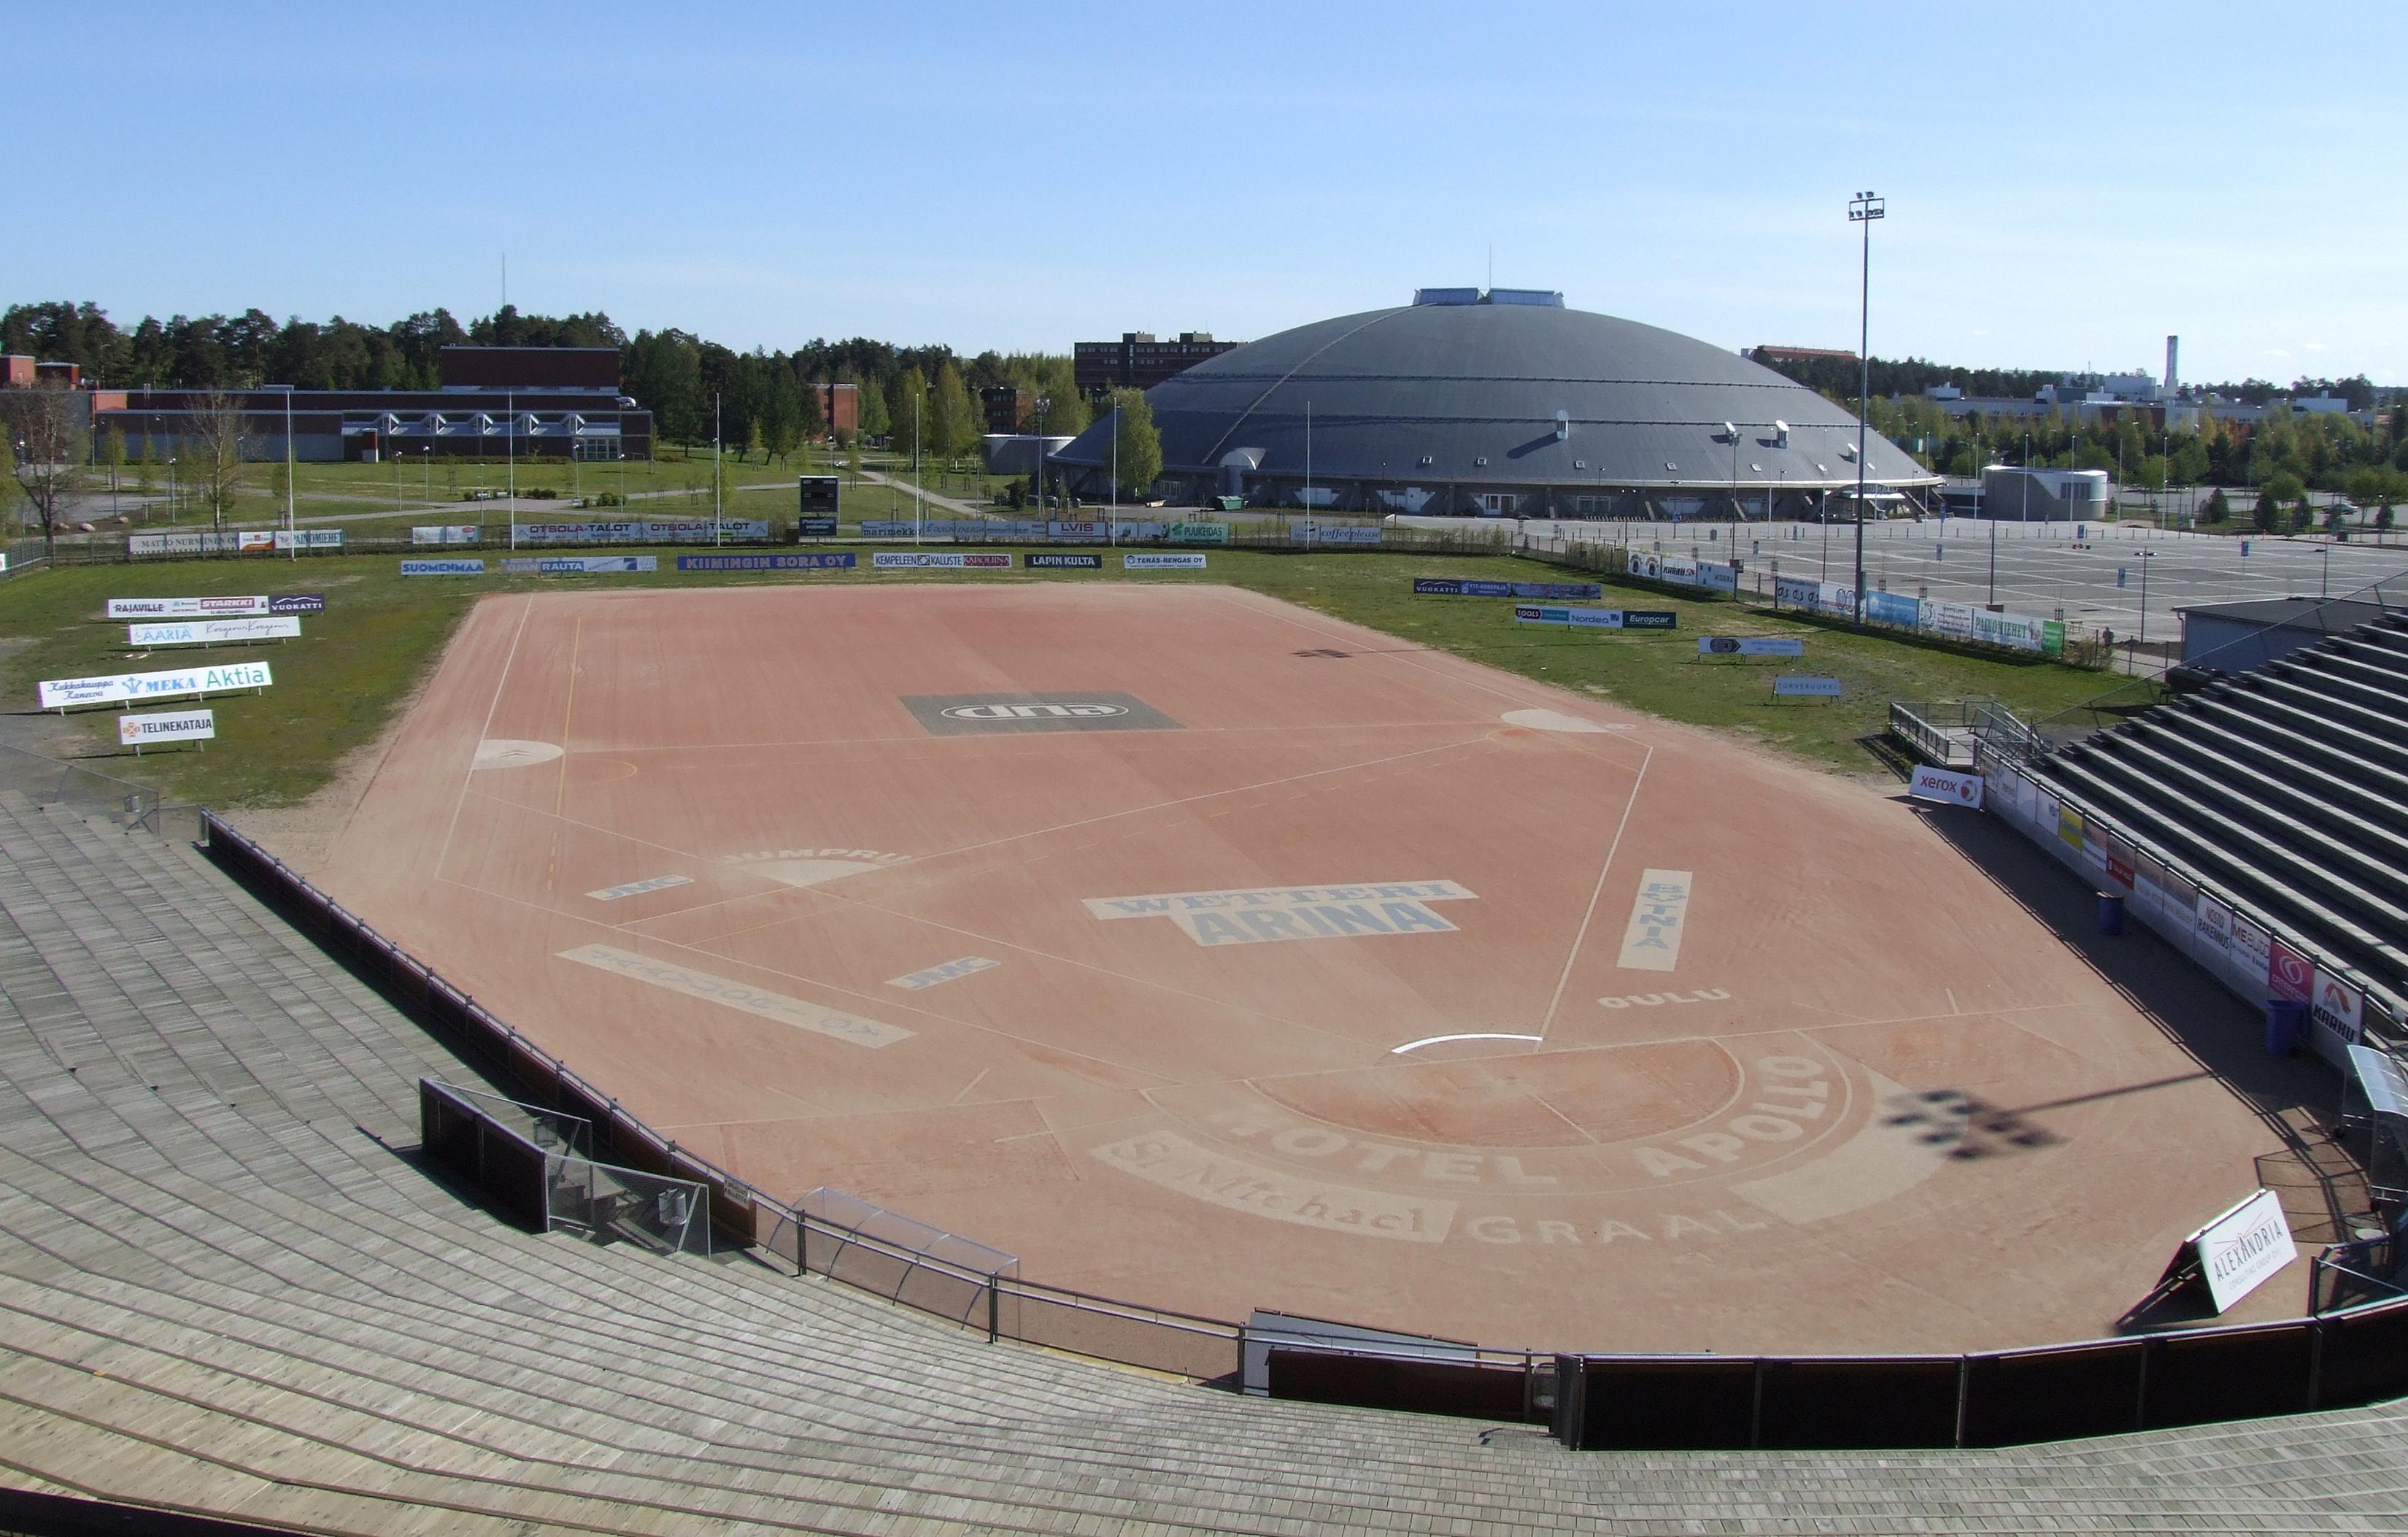 Raksila_Pesäpallo_Stadium_20080531_01